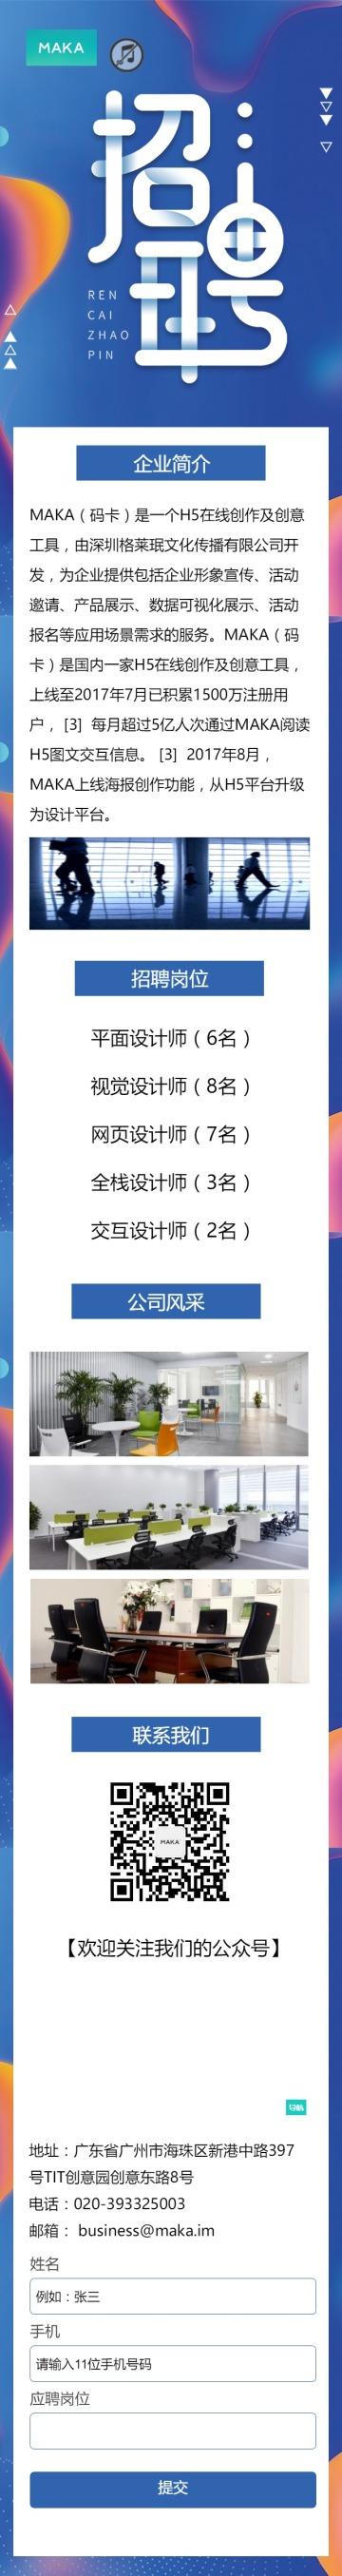 蓝色商务炫彩风格企业招聘招人单页